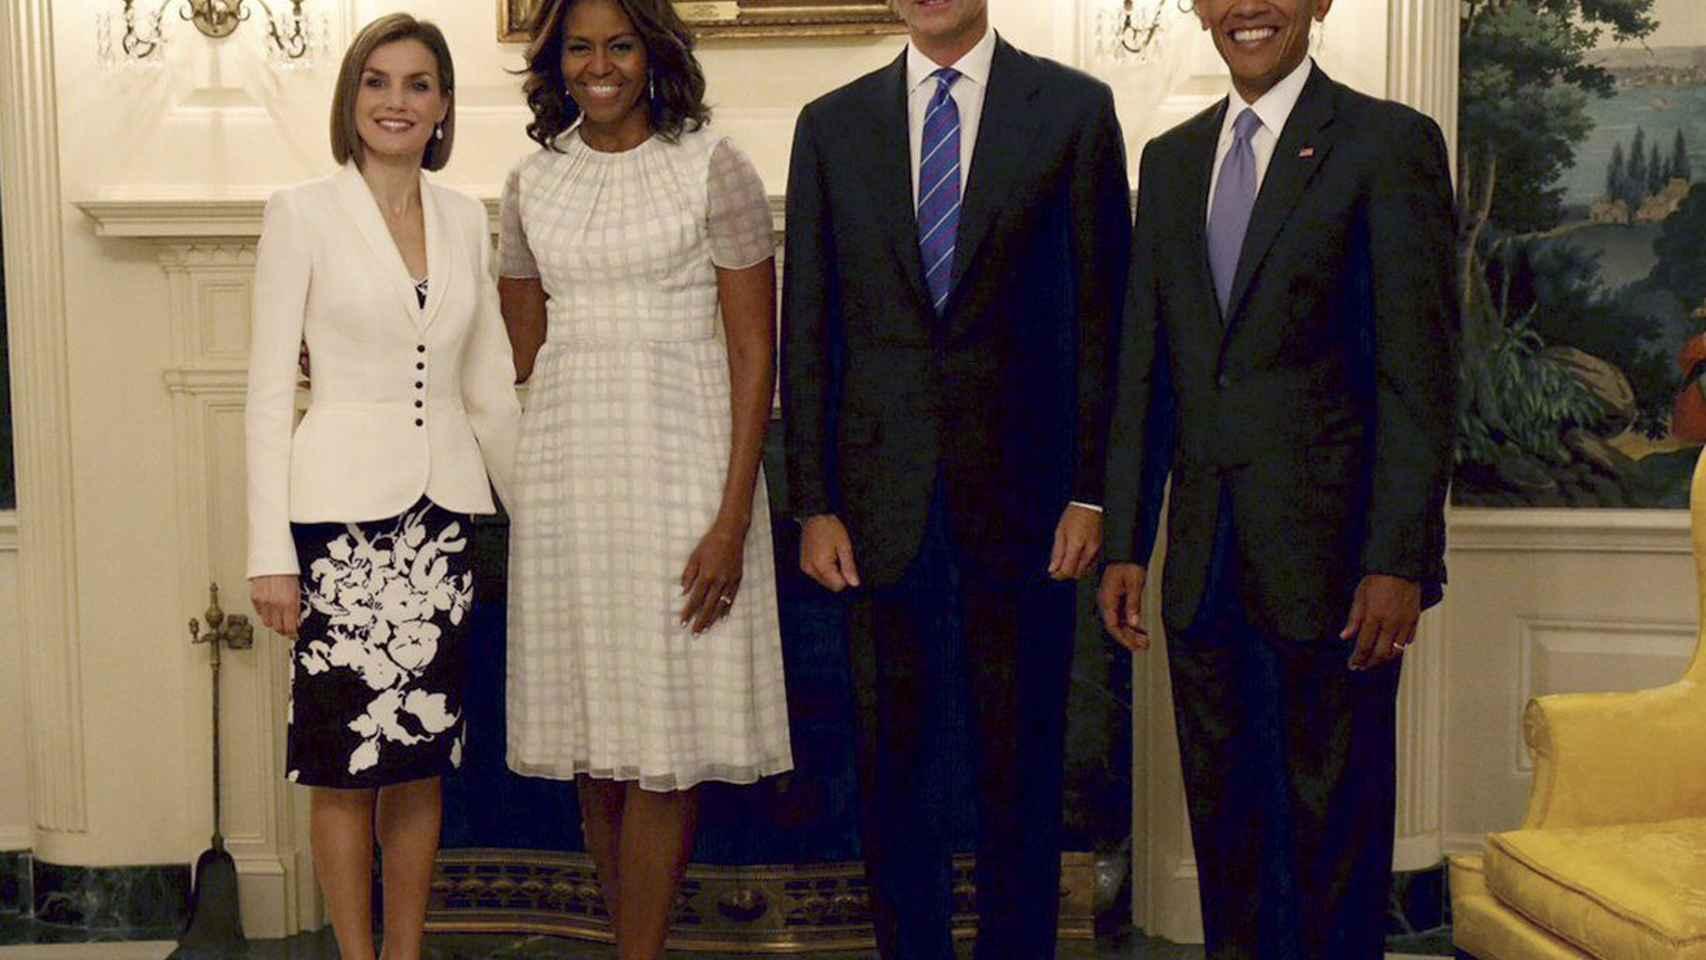 Doña Letizia, Michelle y Barack Obama, el Rey Felipe VI en su visita a los EE.UU